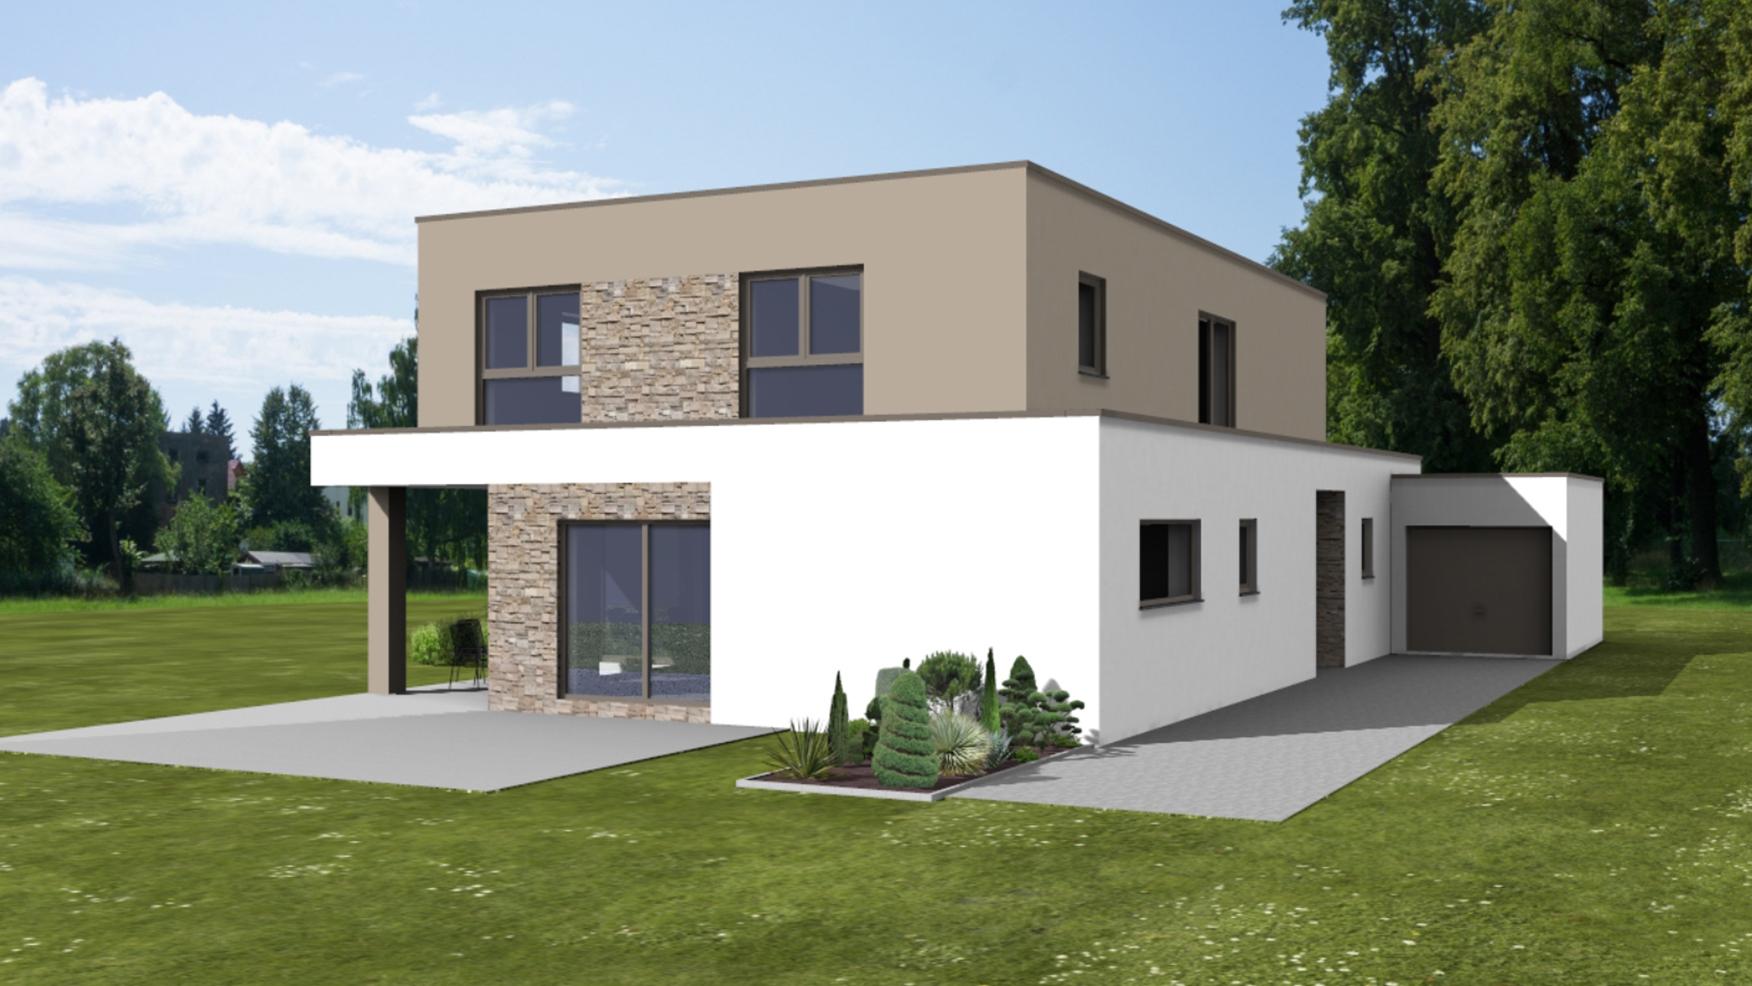 ARTOS HAUS Bauvorhaben 2021 in Bonn-Witterschlick - Bild 1